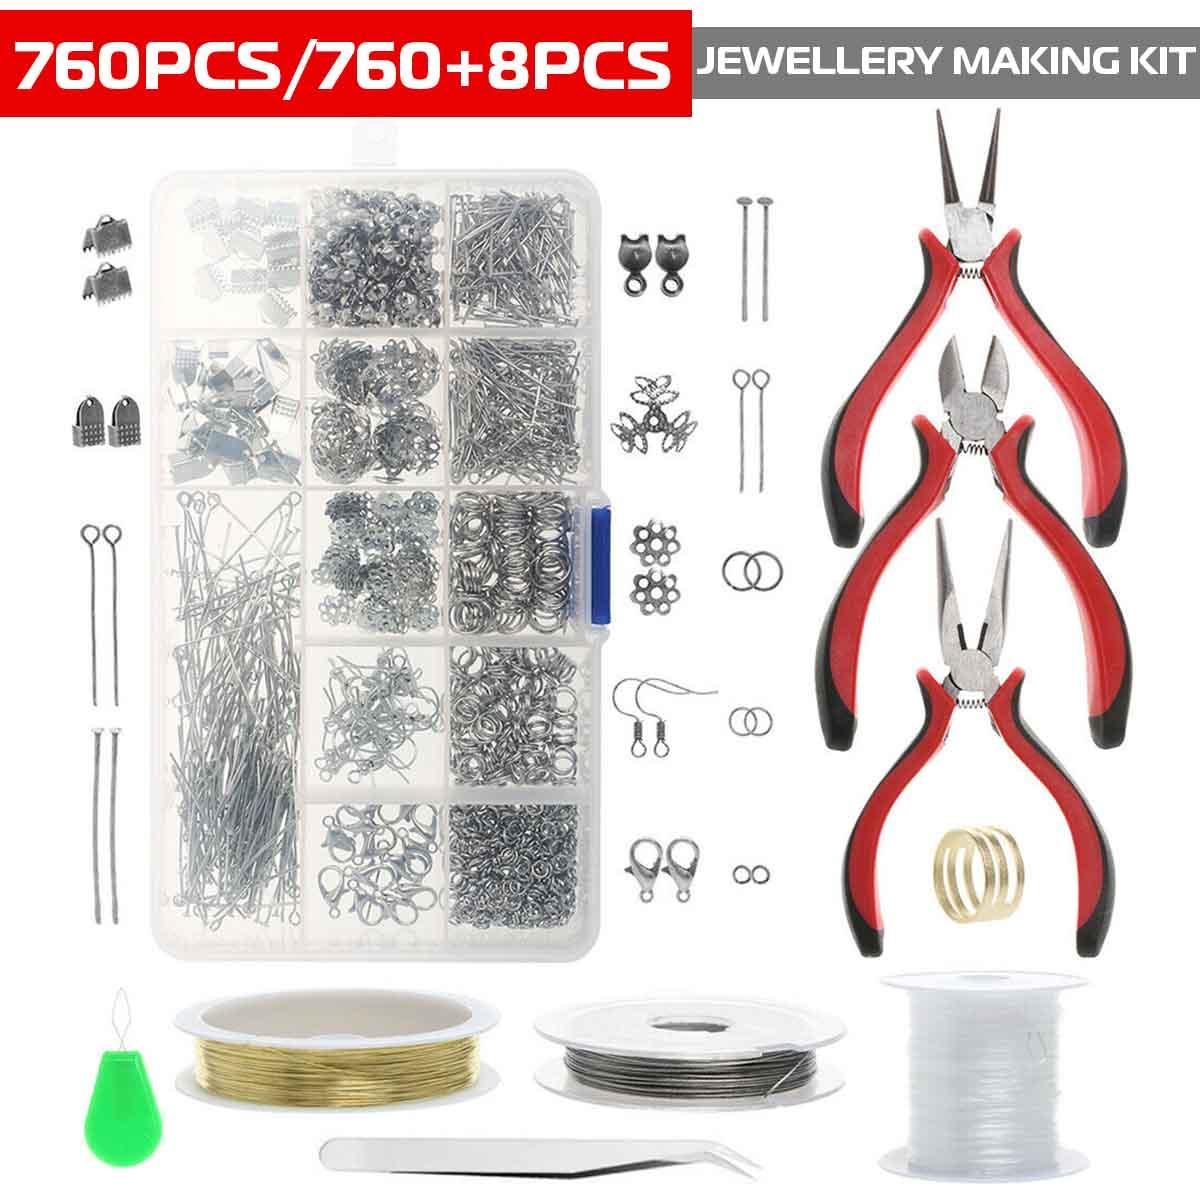 Juego de Herramientas de joyería DIY, alicates para equipo, collar, pendientes, Kit de herramientas de reparación, cuentas, medidas para la fabricación de joyas hechas a mano